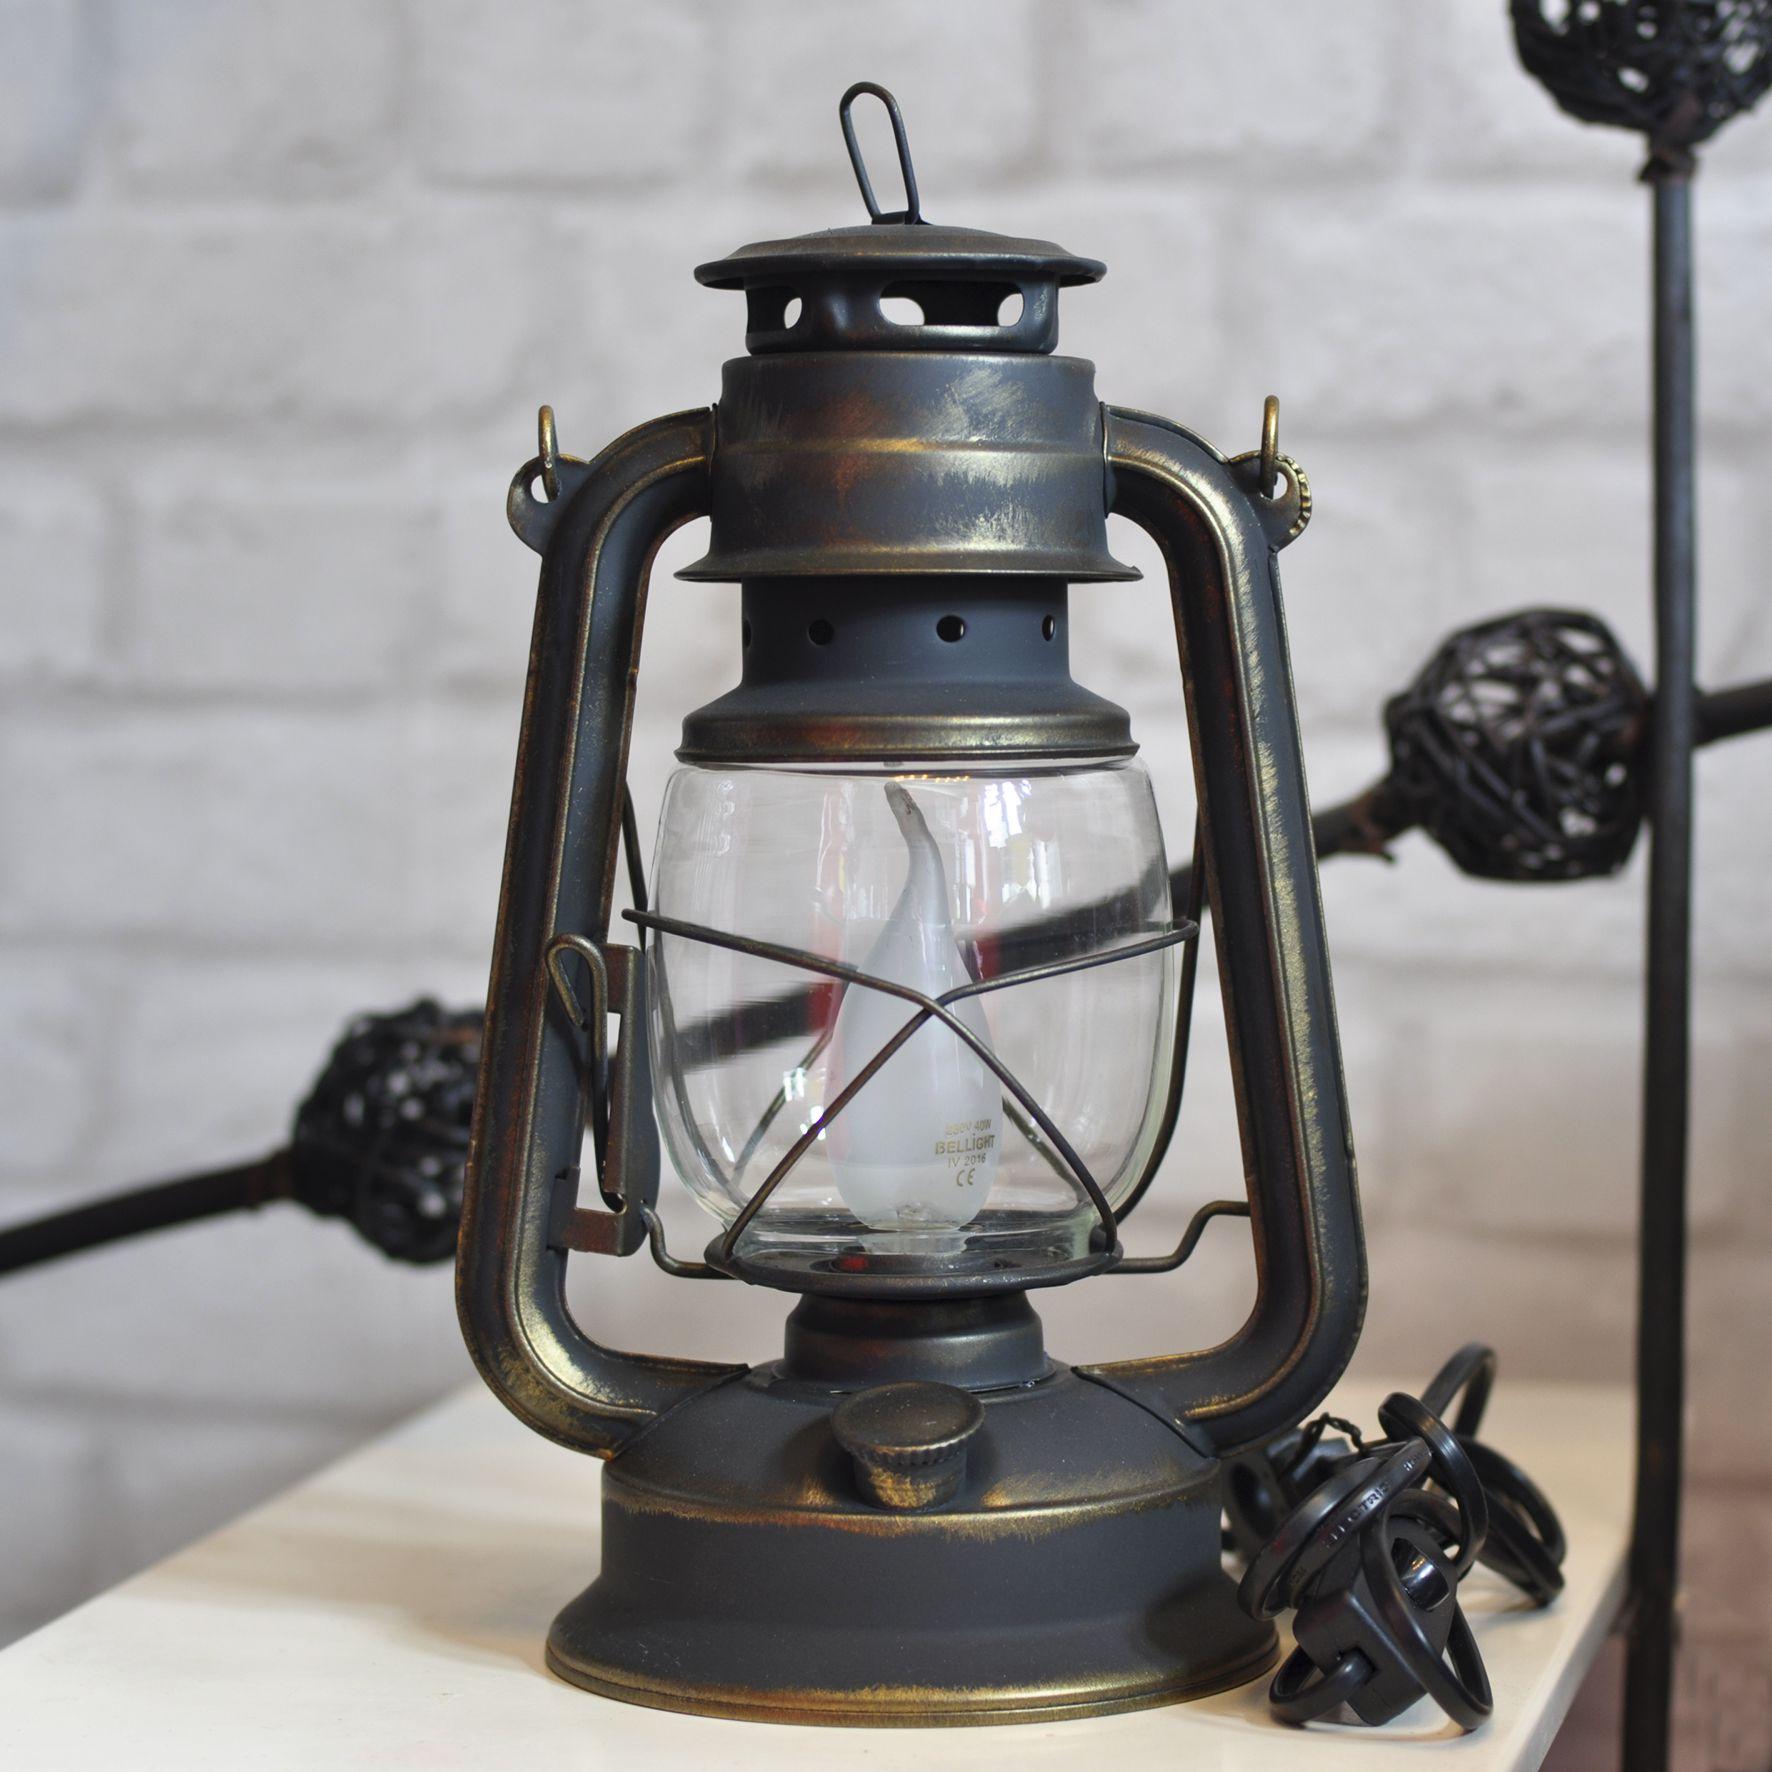 керосинка винтажнаялампа купитьлампу необычнаялампа лампанадачу лофт ретролампа ночник ретро лампалофт купитьночник лампадлямужа винтаж купитьподарок подарок